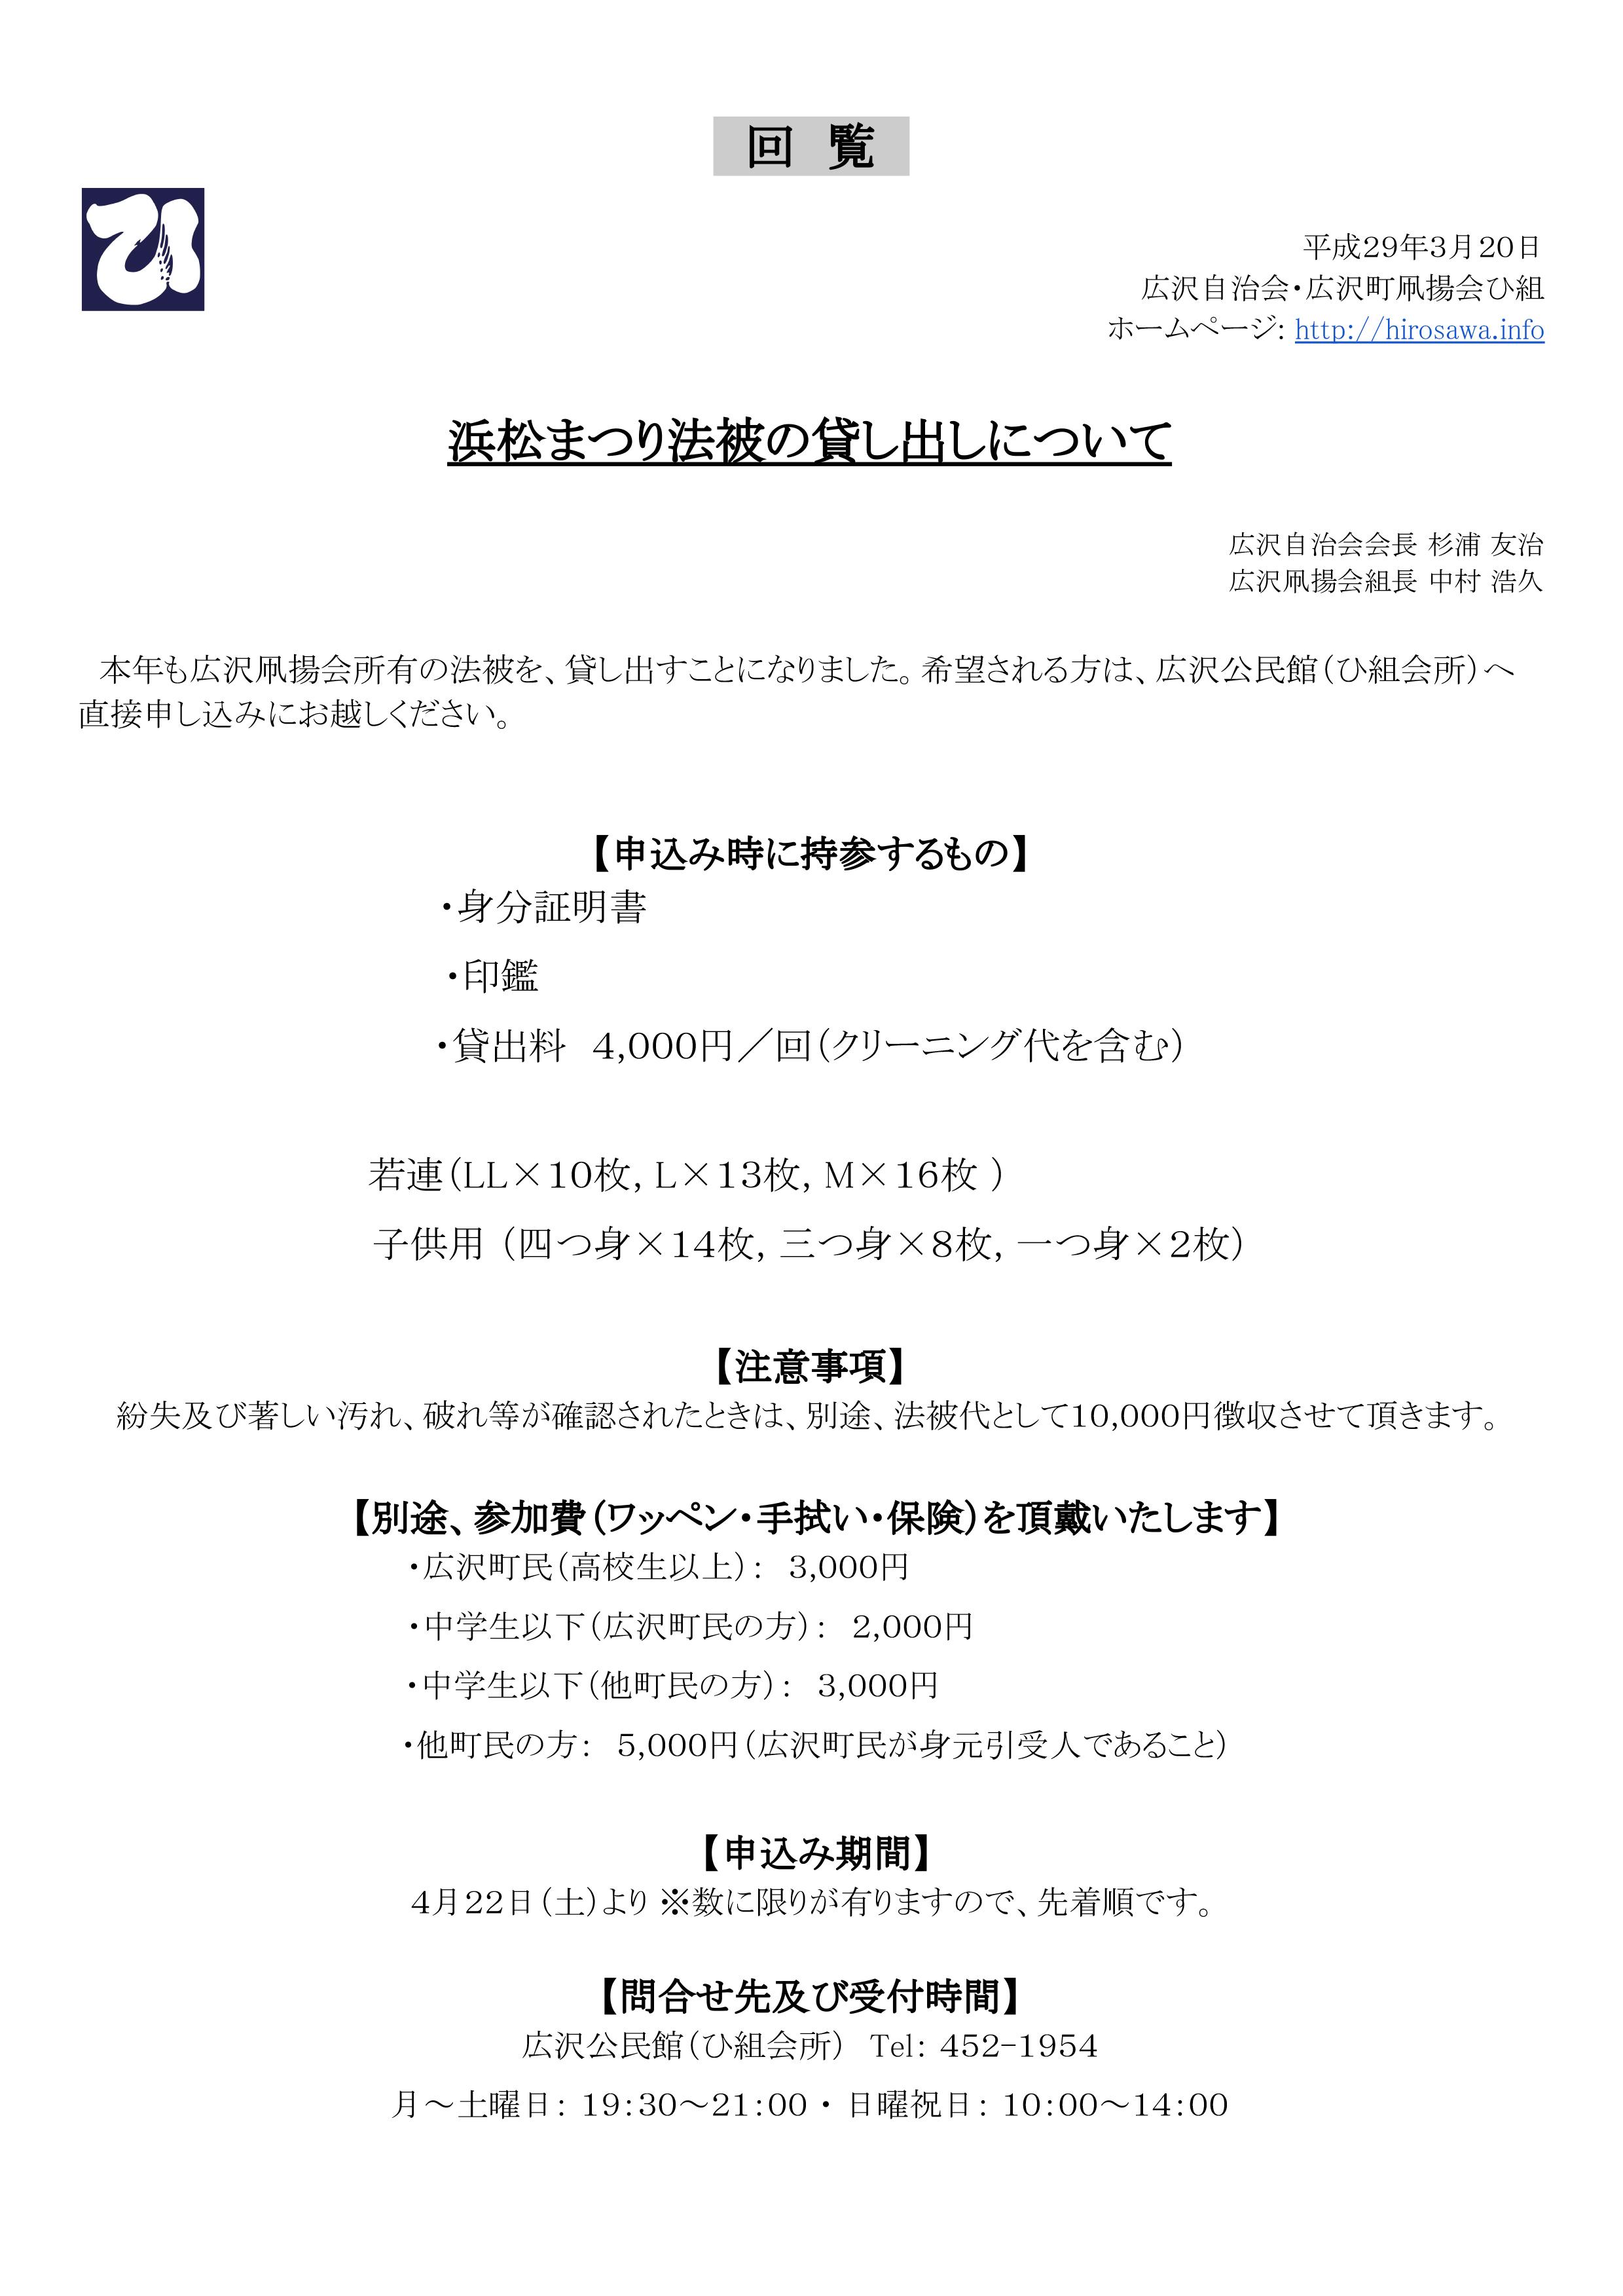 【回覧資料】平成29年3月20日 浜松まつり法被の貸し出し・販売について